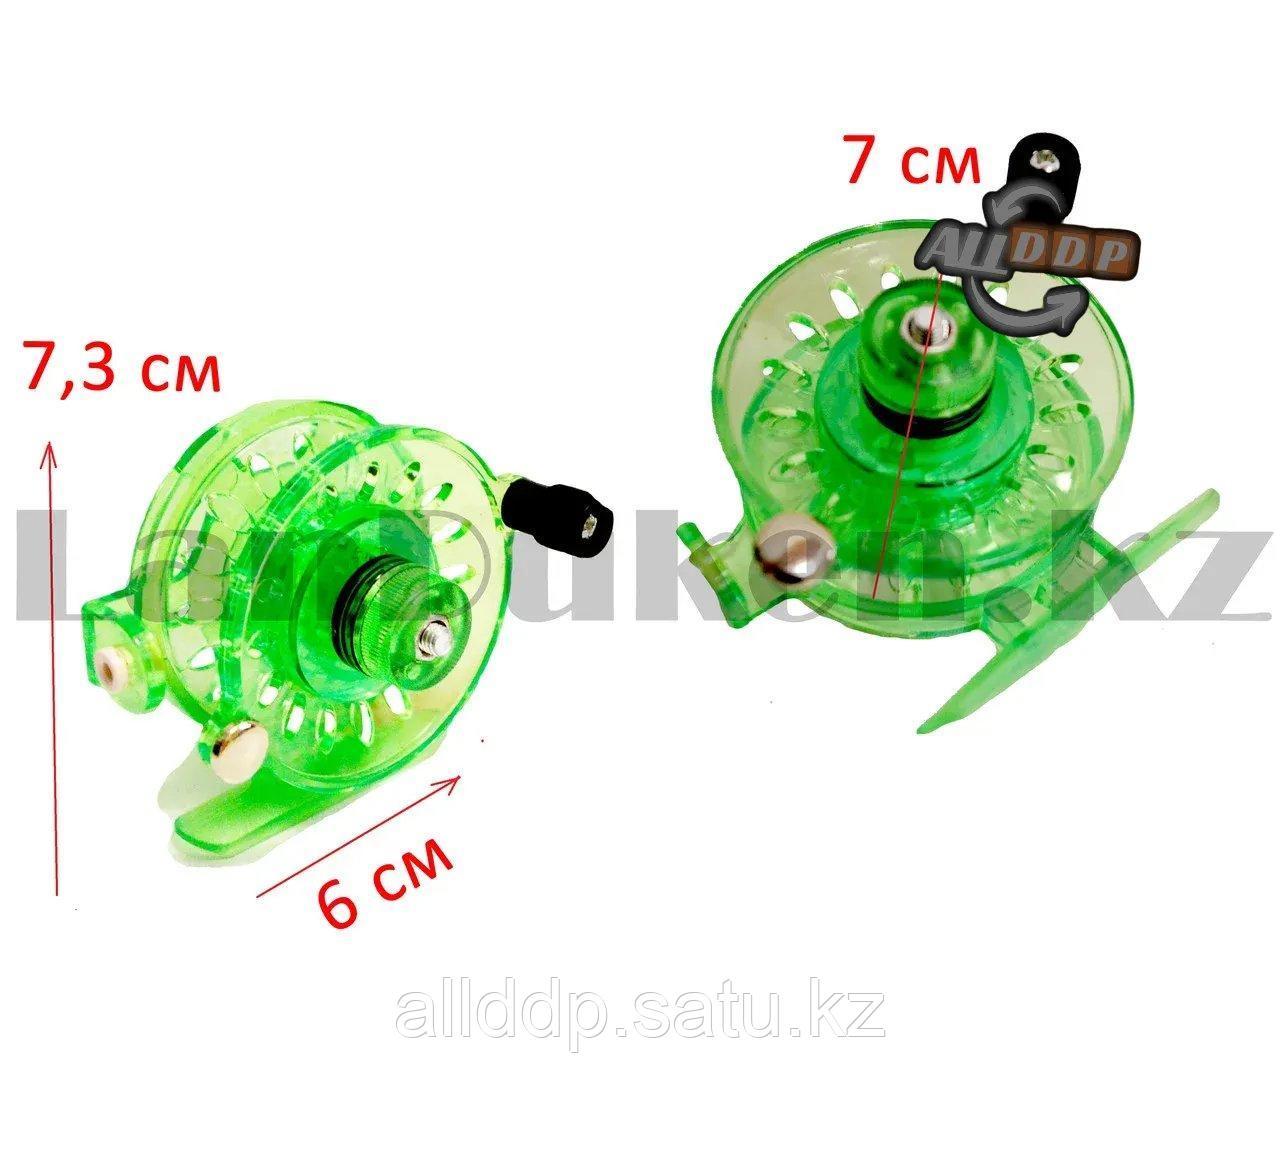 Инерционная катушка с направителем для лески для удочки металлическая зеленая - фото 3